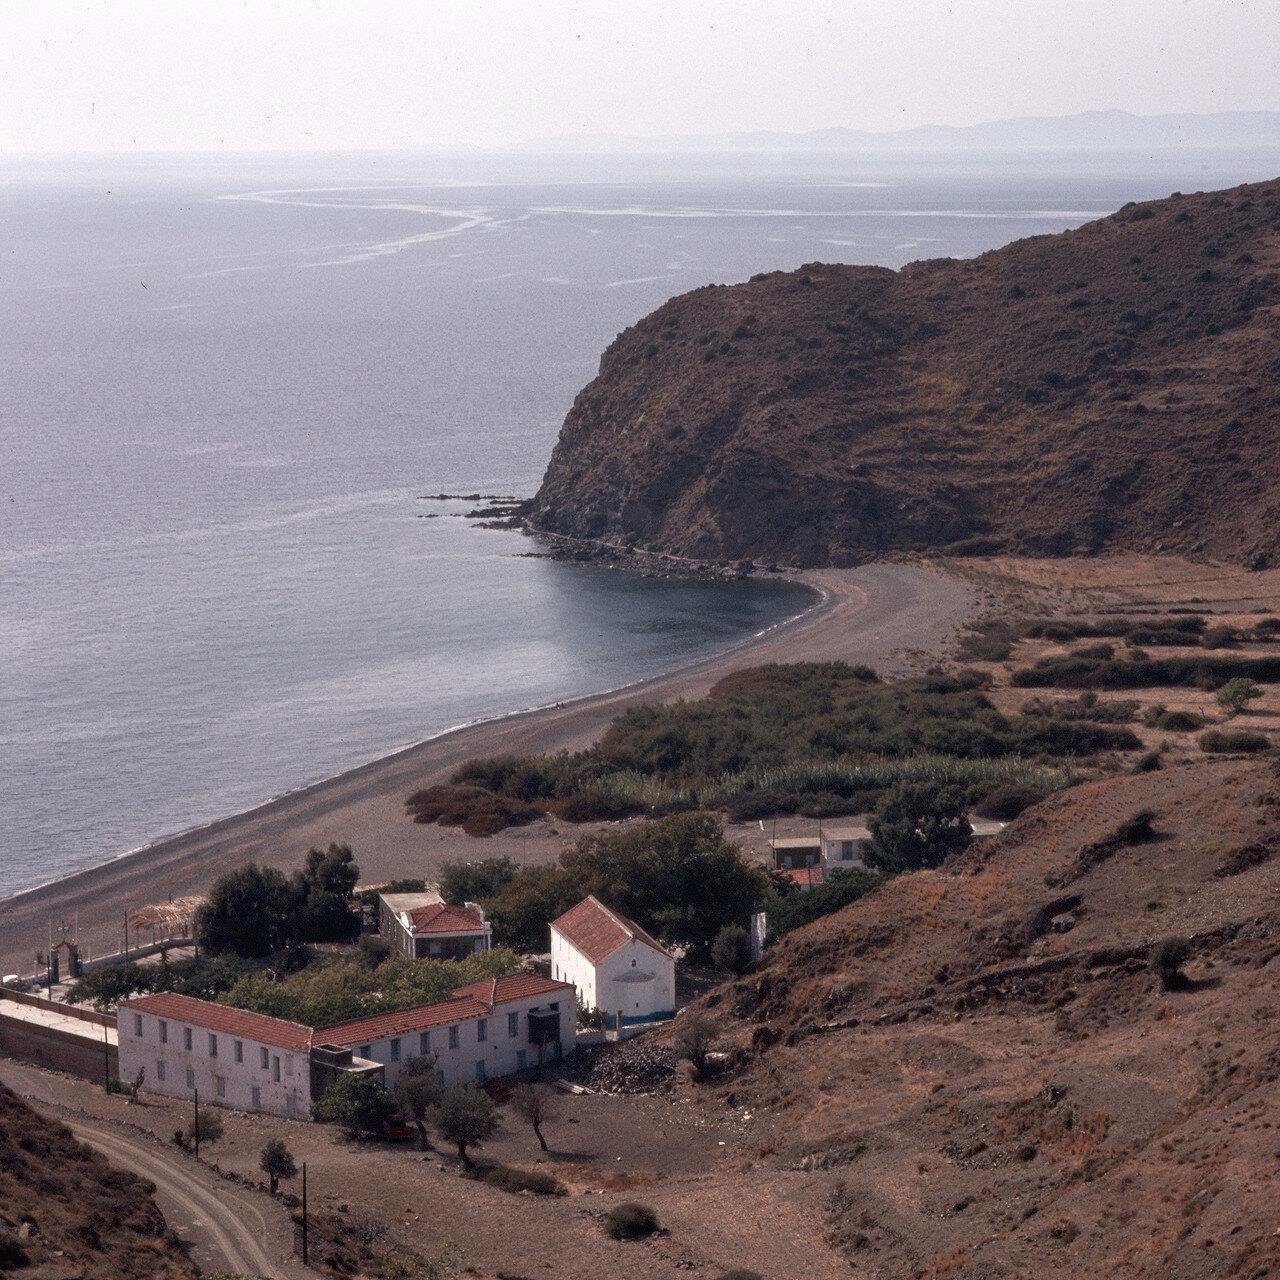 Северный Хиос. Монастырь Агиа Маркелла